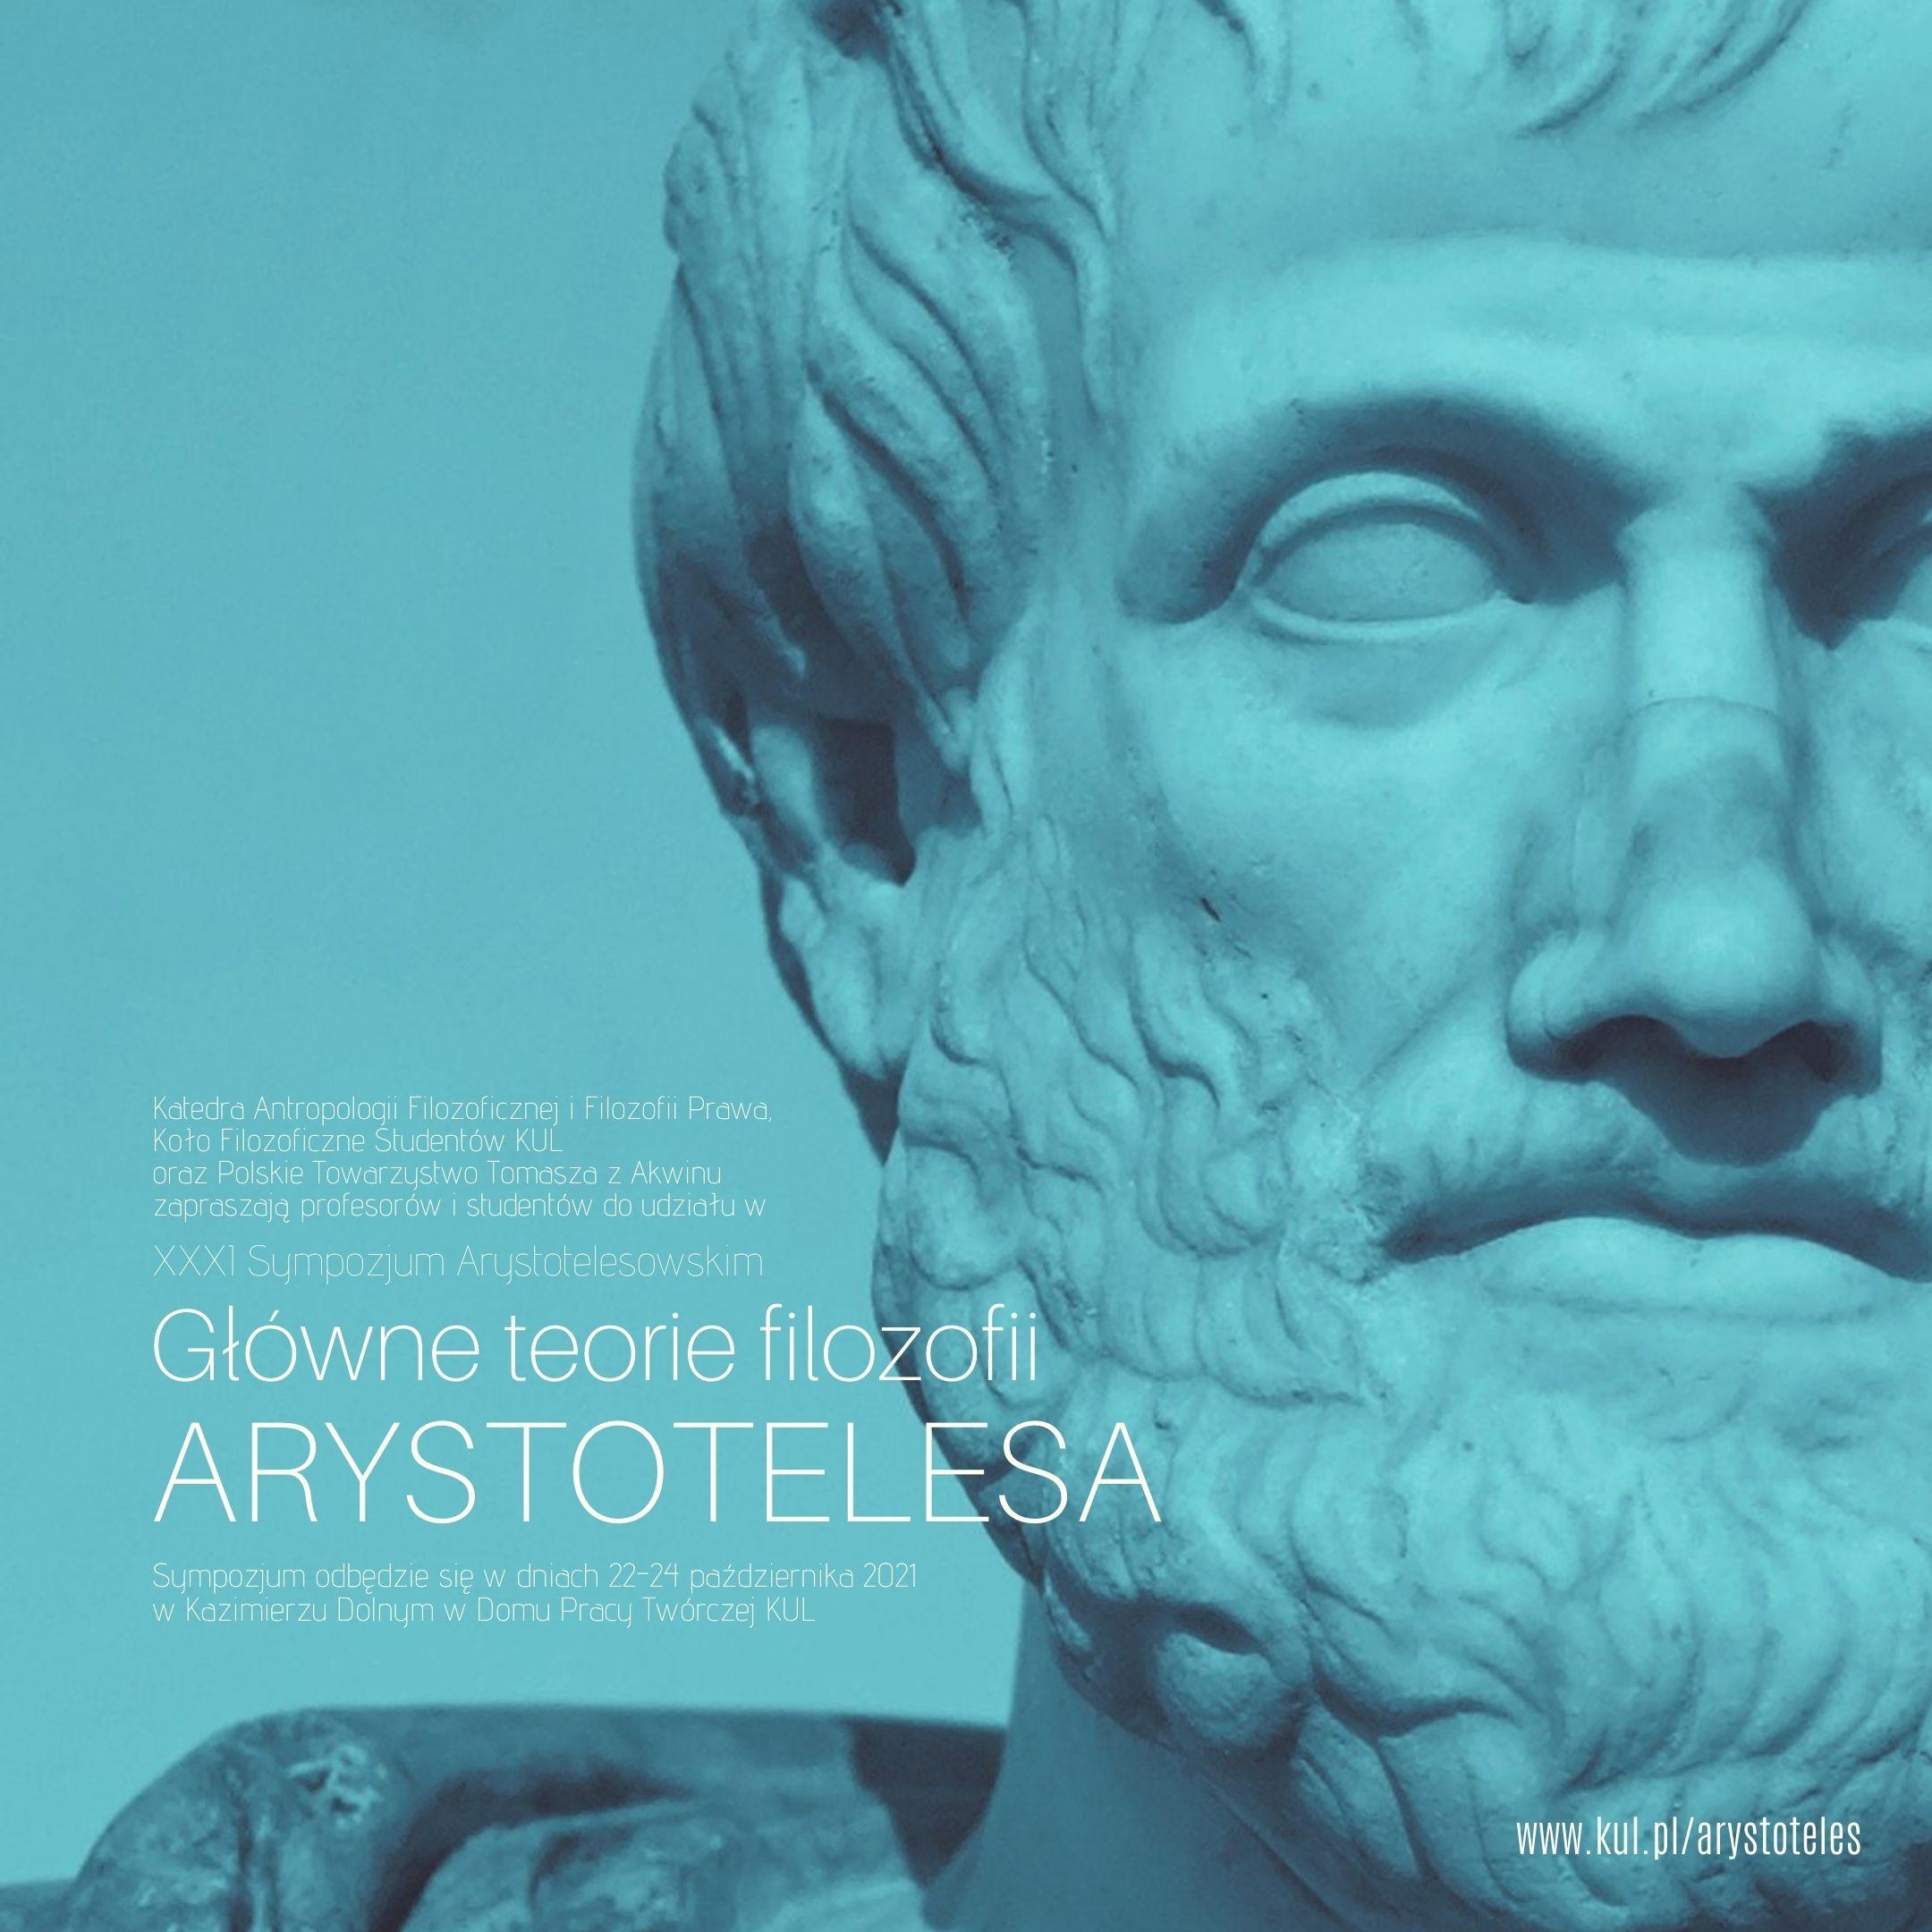 2021 arystoteles